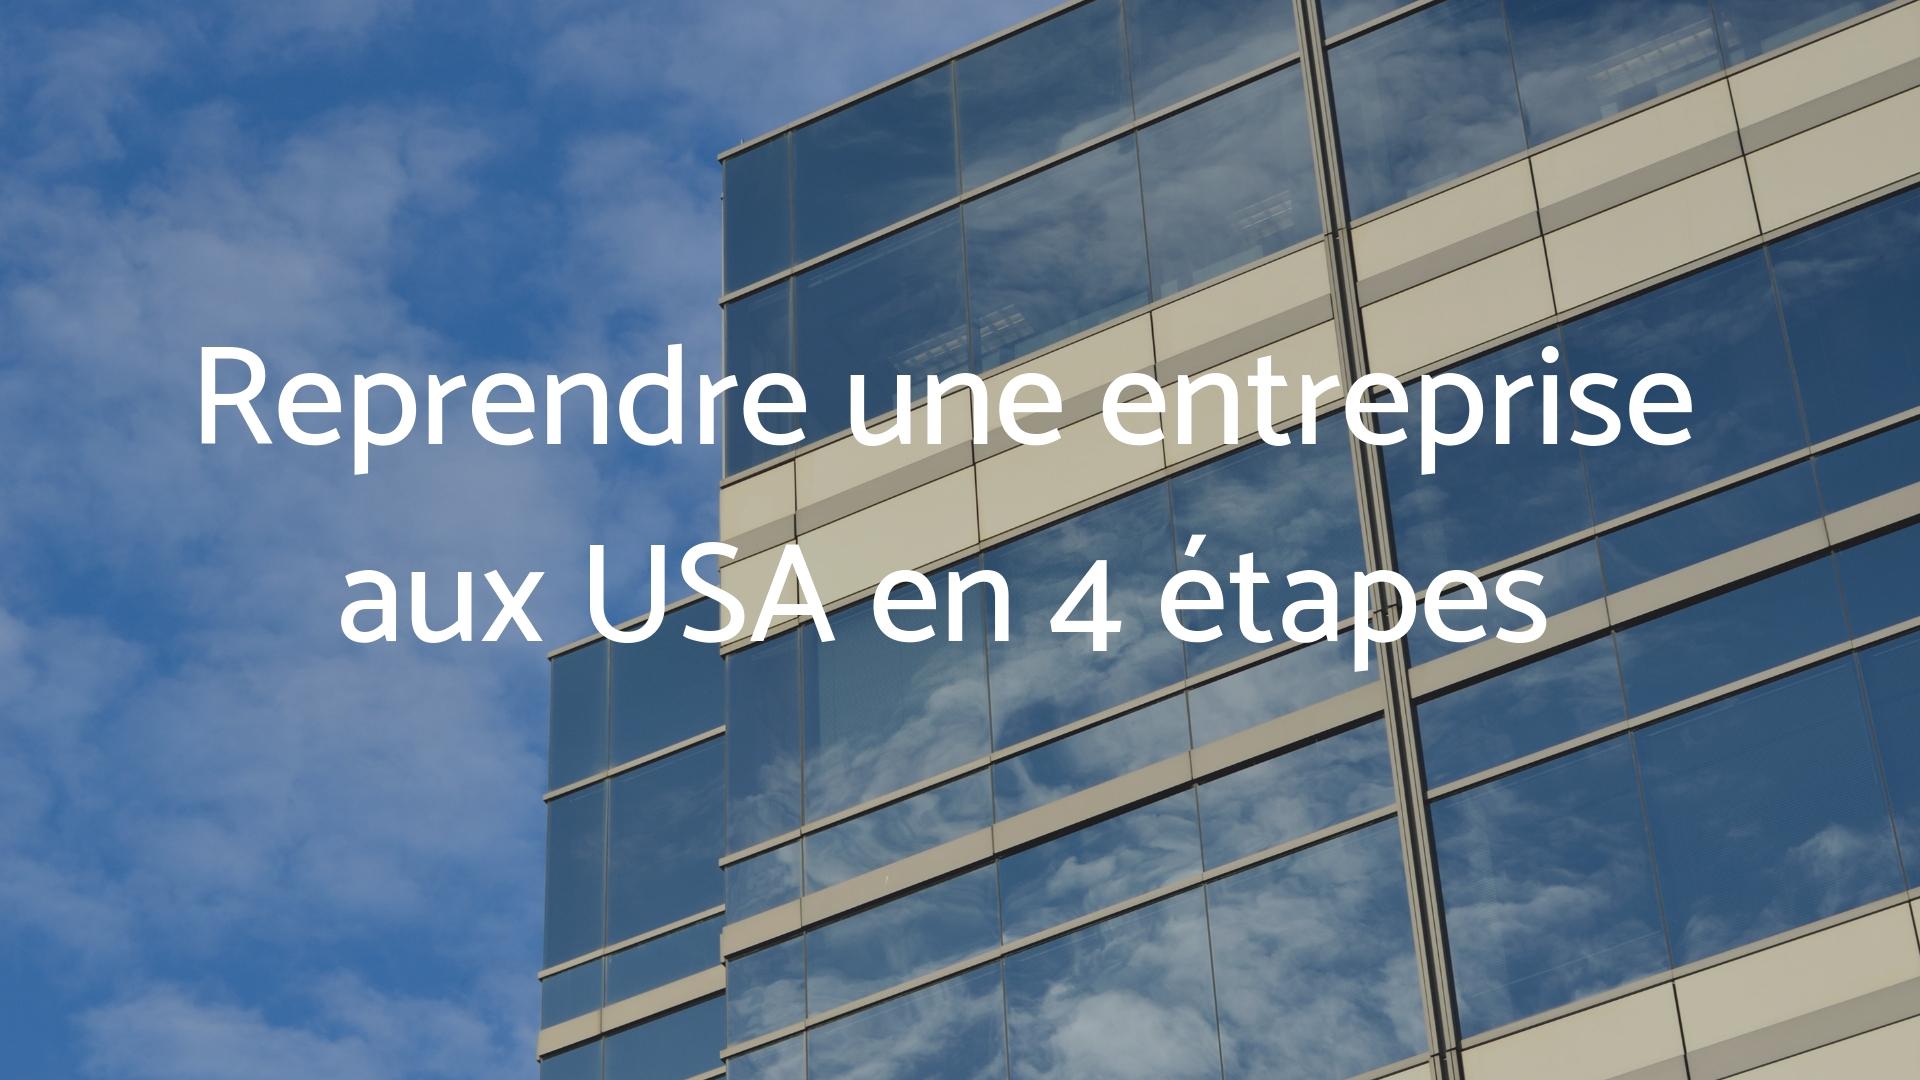 Reprendre une entreprise aux USA en 4 étapes